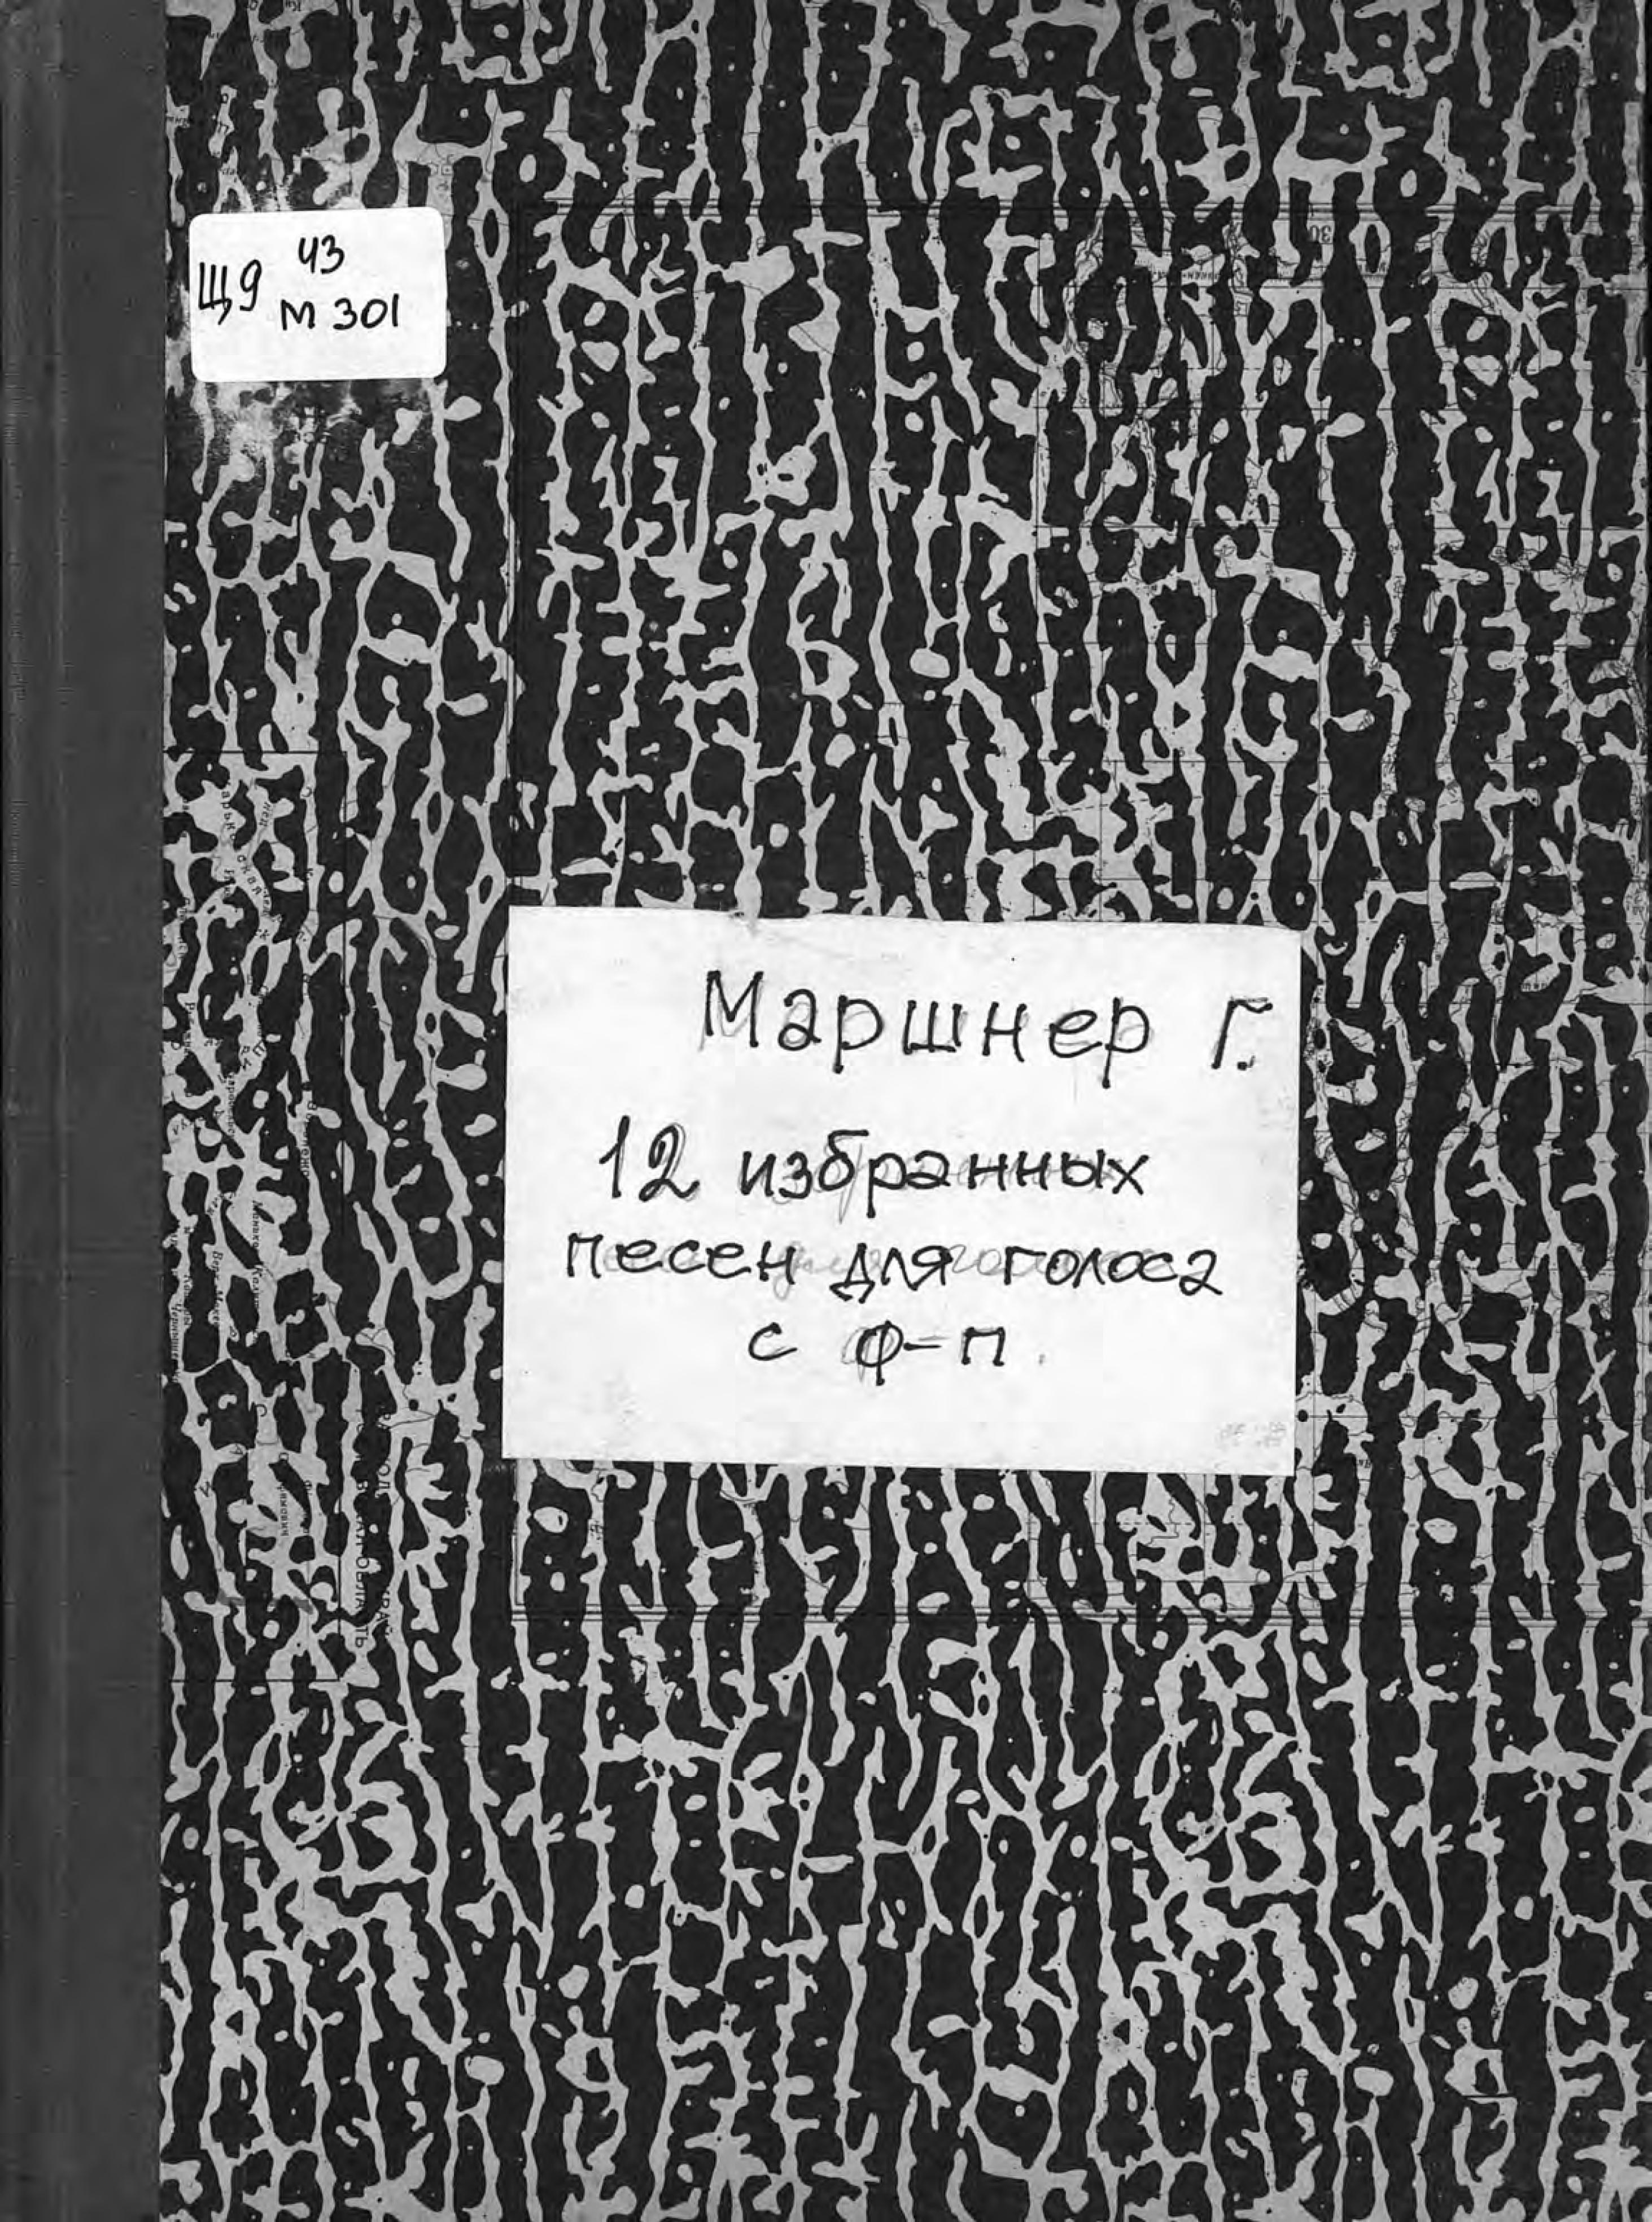 Генрих Август Маршнер 12 ausgewahlte Lieder fur eine Singstimme mit Pianofortebegleitung v. Heinrich Marschner